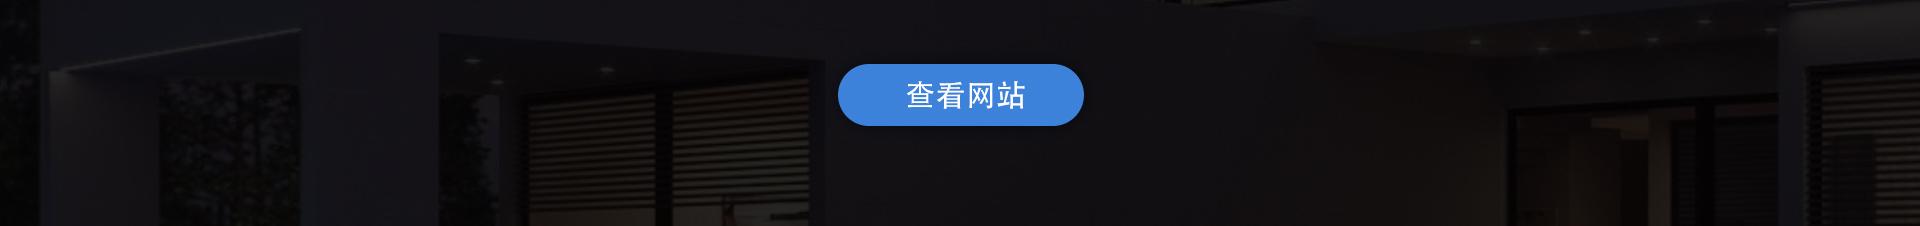 images-吉珂投资——王衡_02